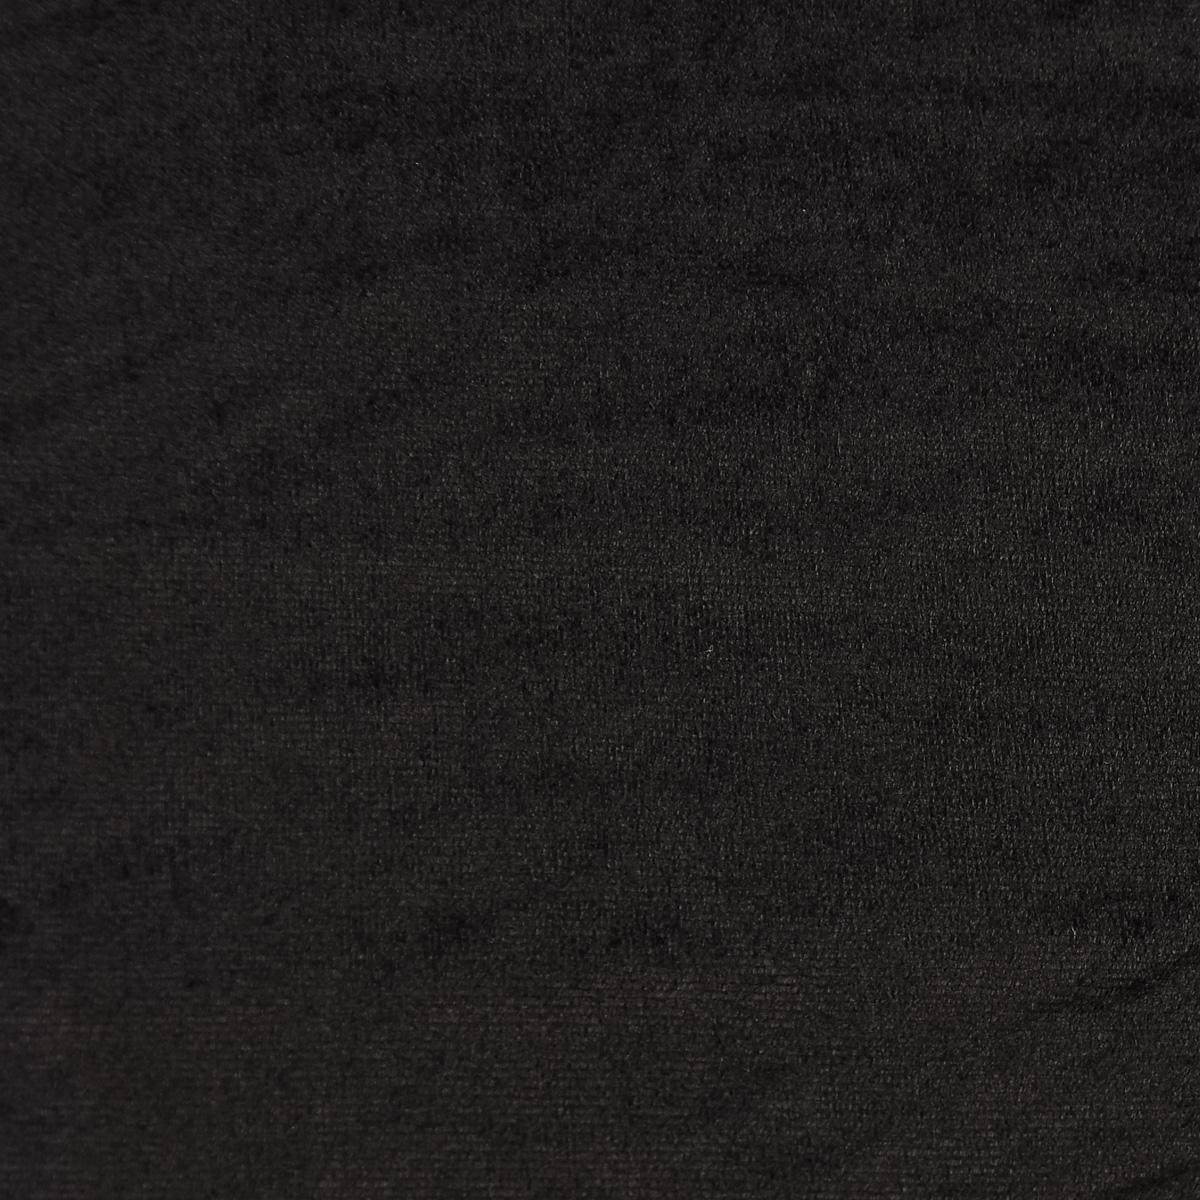 bekleidungsstoff samtstoff stretchsamt einfarbig schwarz 1 5m breite alle stoffe stoffe uni. Black Bedroom Furniture Sets. Home Design Ideas